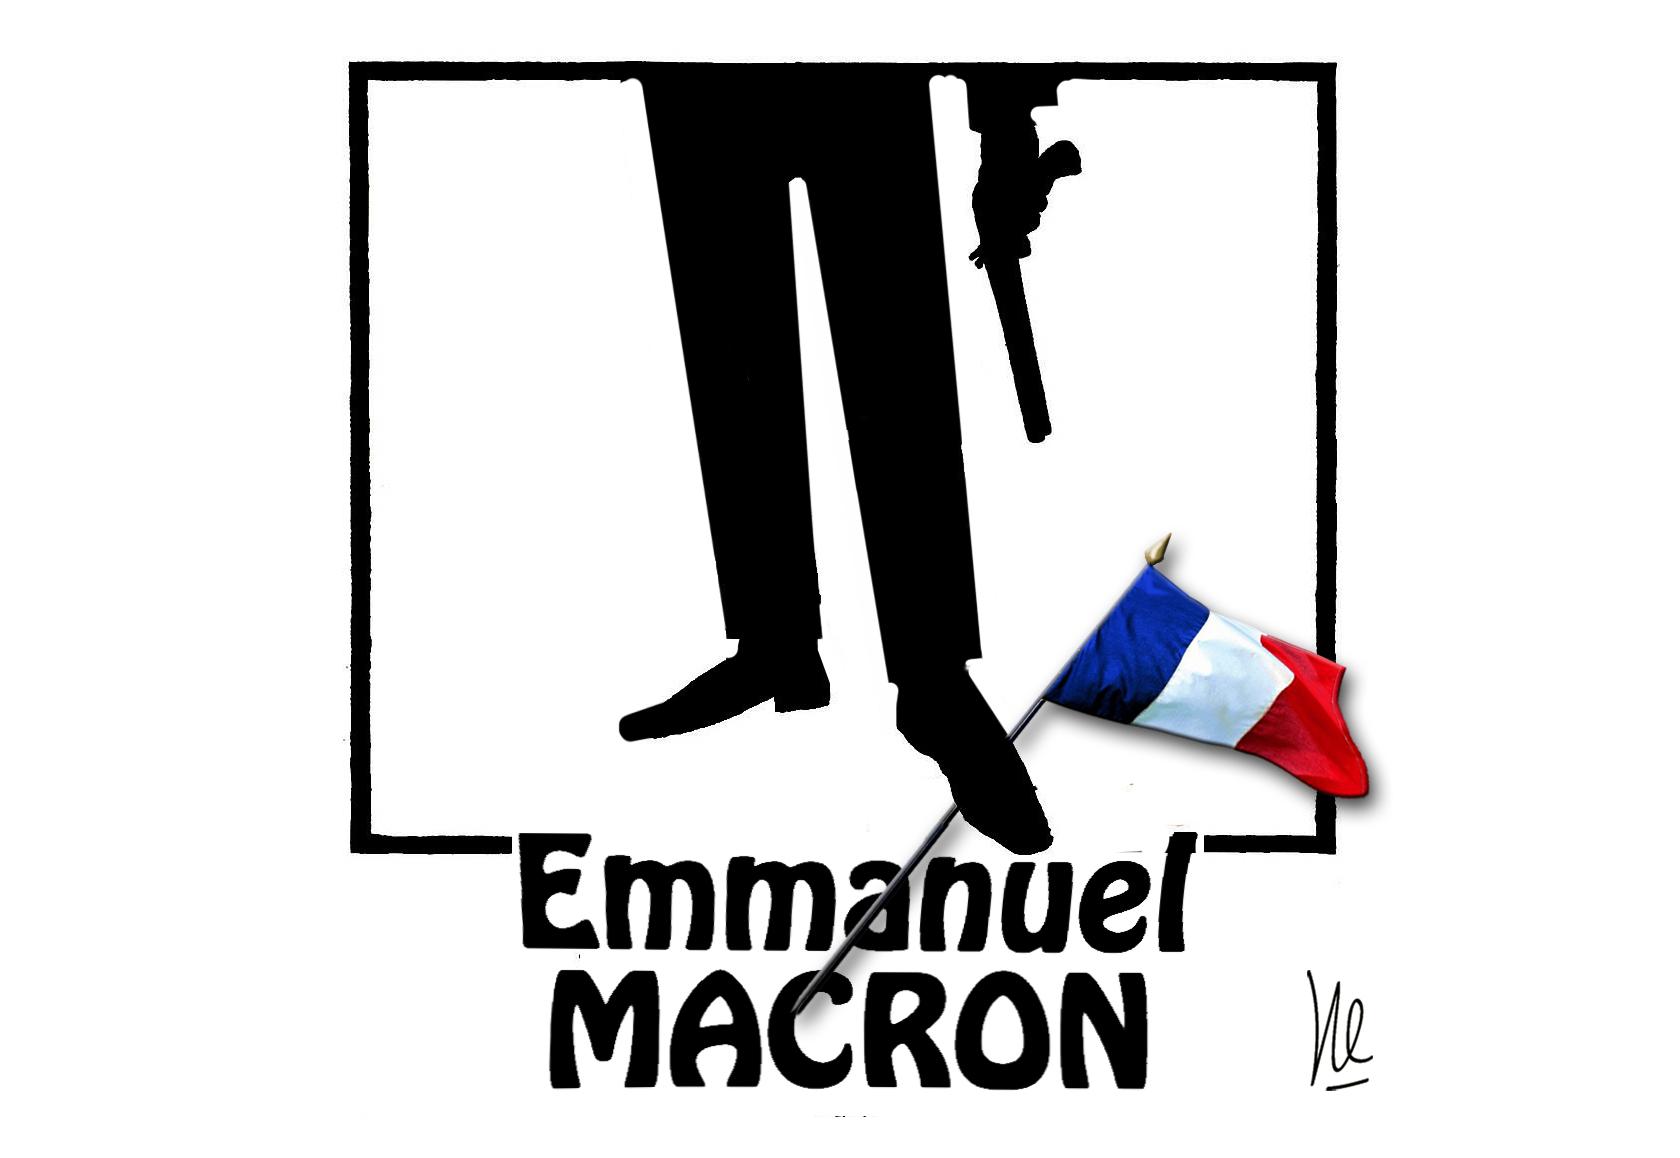 Trop de pognon pour le social ? Il a raison Macron, alors il attend quoi pour s'attaquer à l'immigration ?